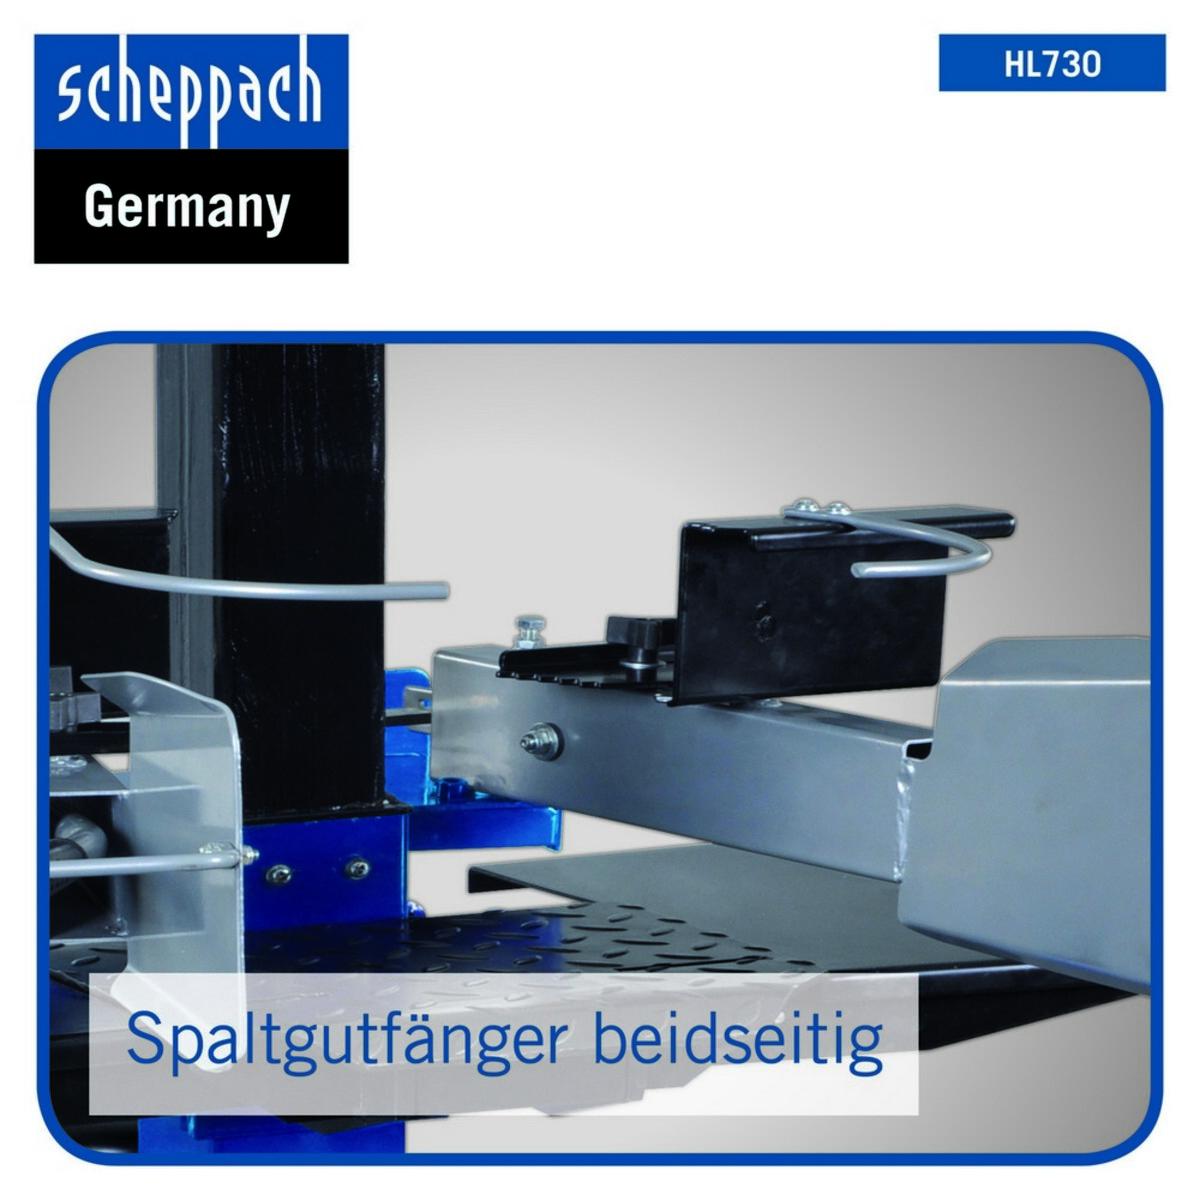 Bild 4 von Scheppach HL730 | 7 T Holzspalter 230 V